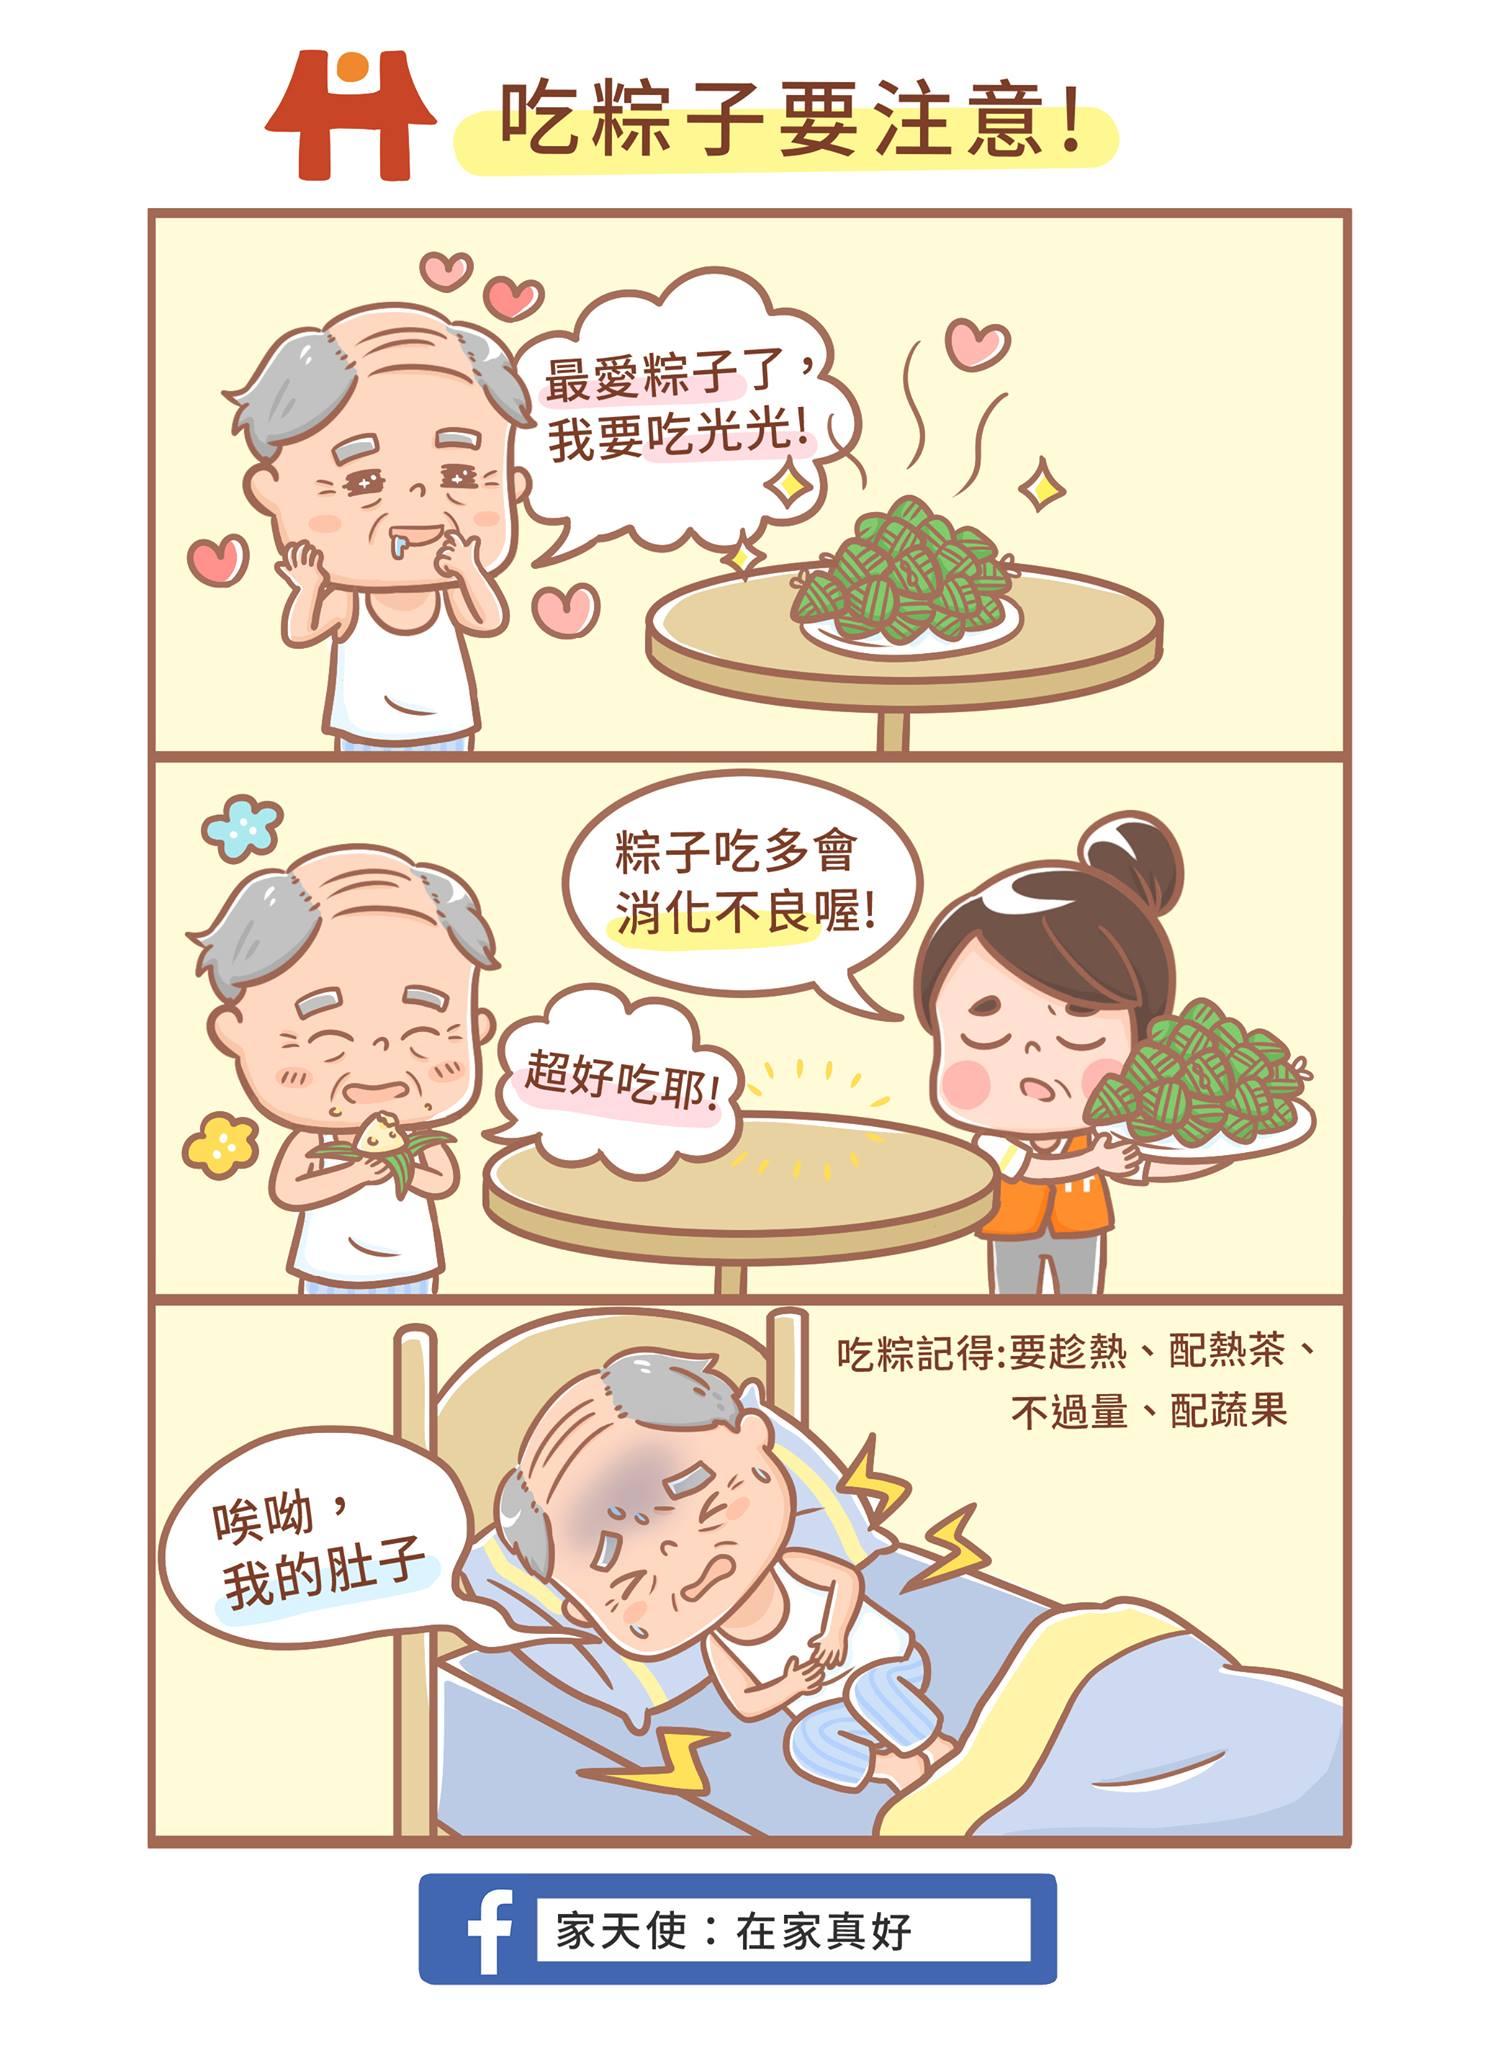 端午長輩吃粽子要留意|家天使照顧服務